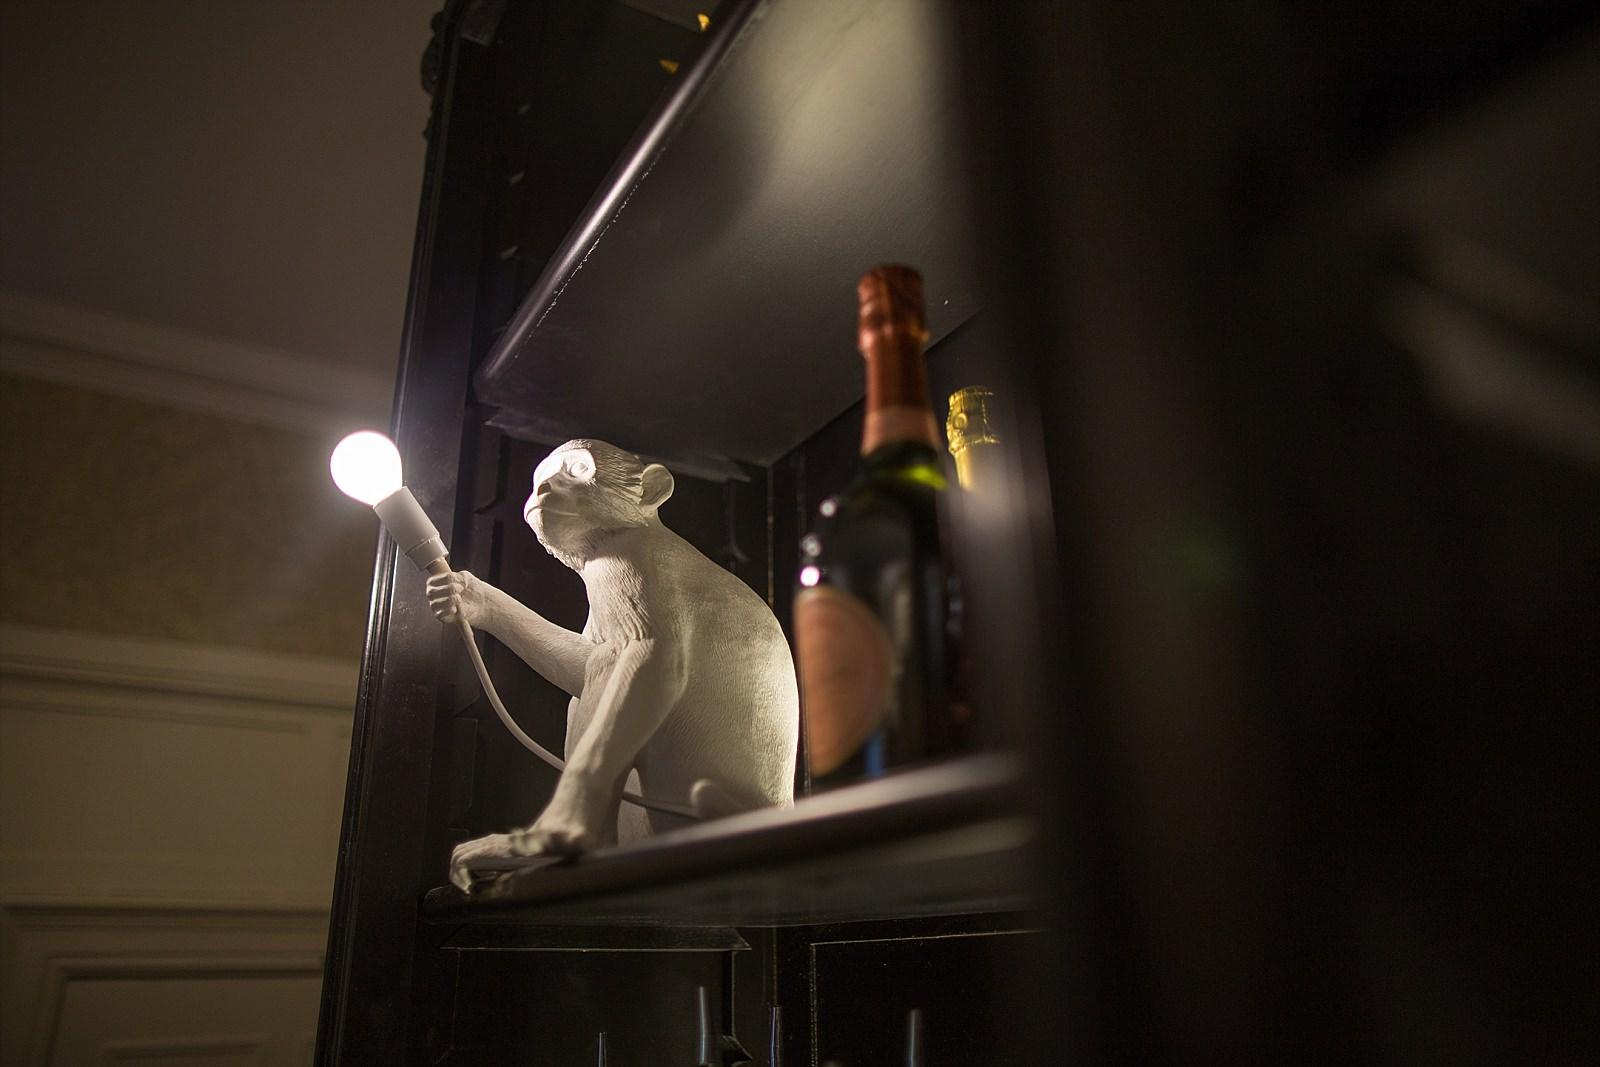 monkey lightsade holding a lightbulb